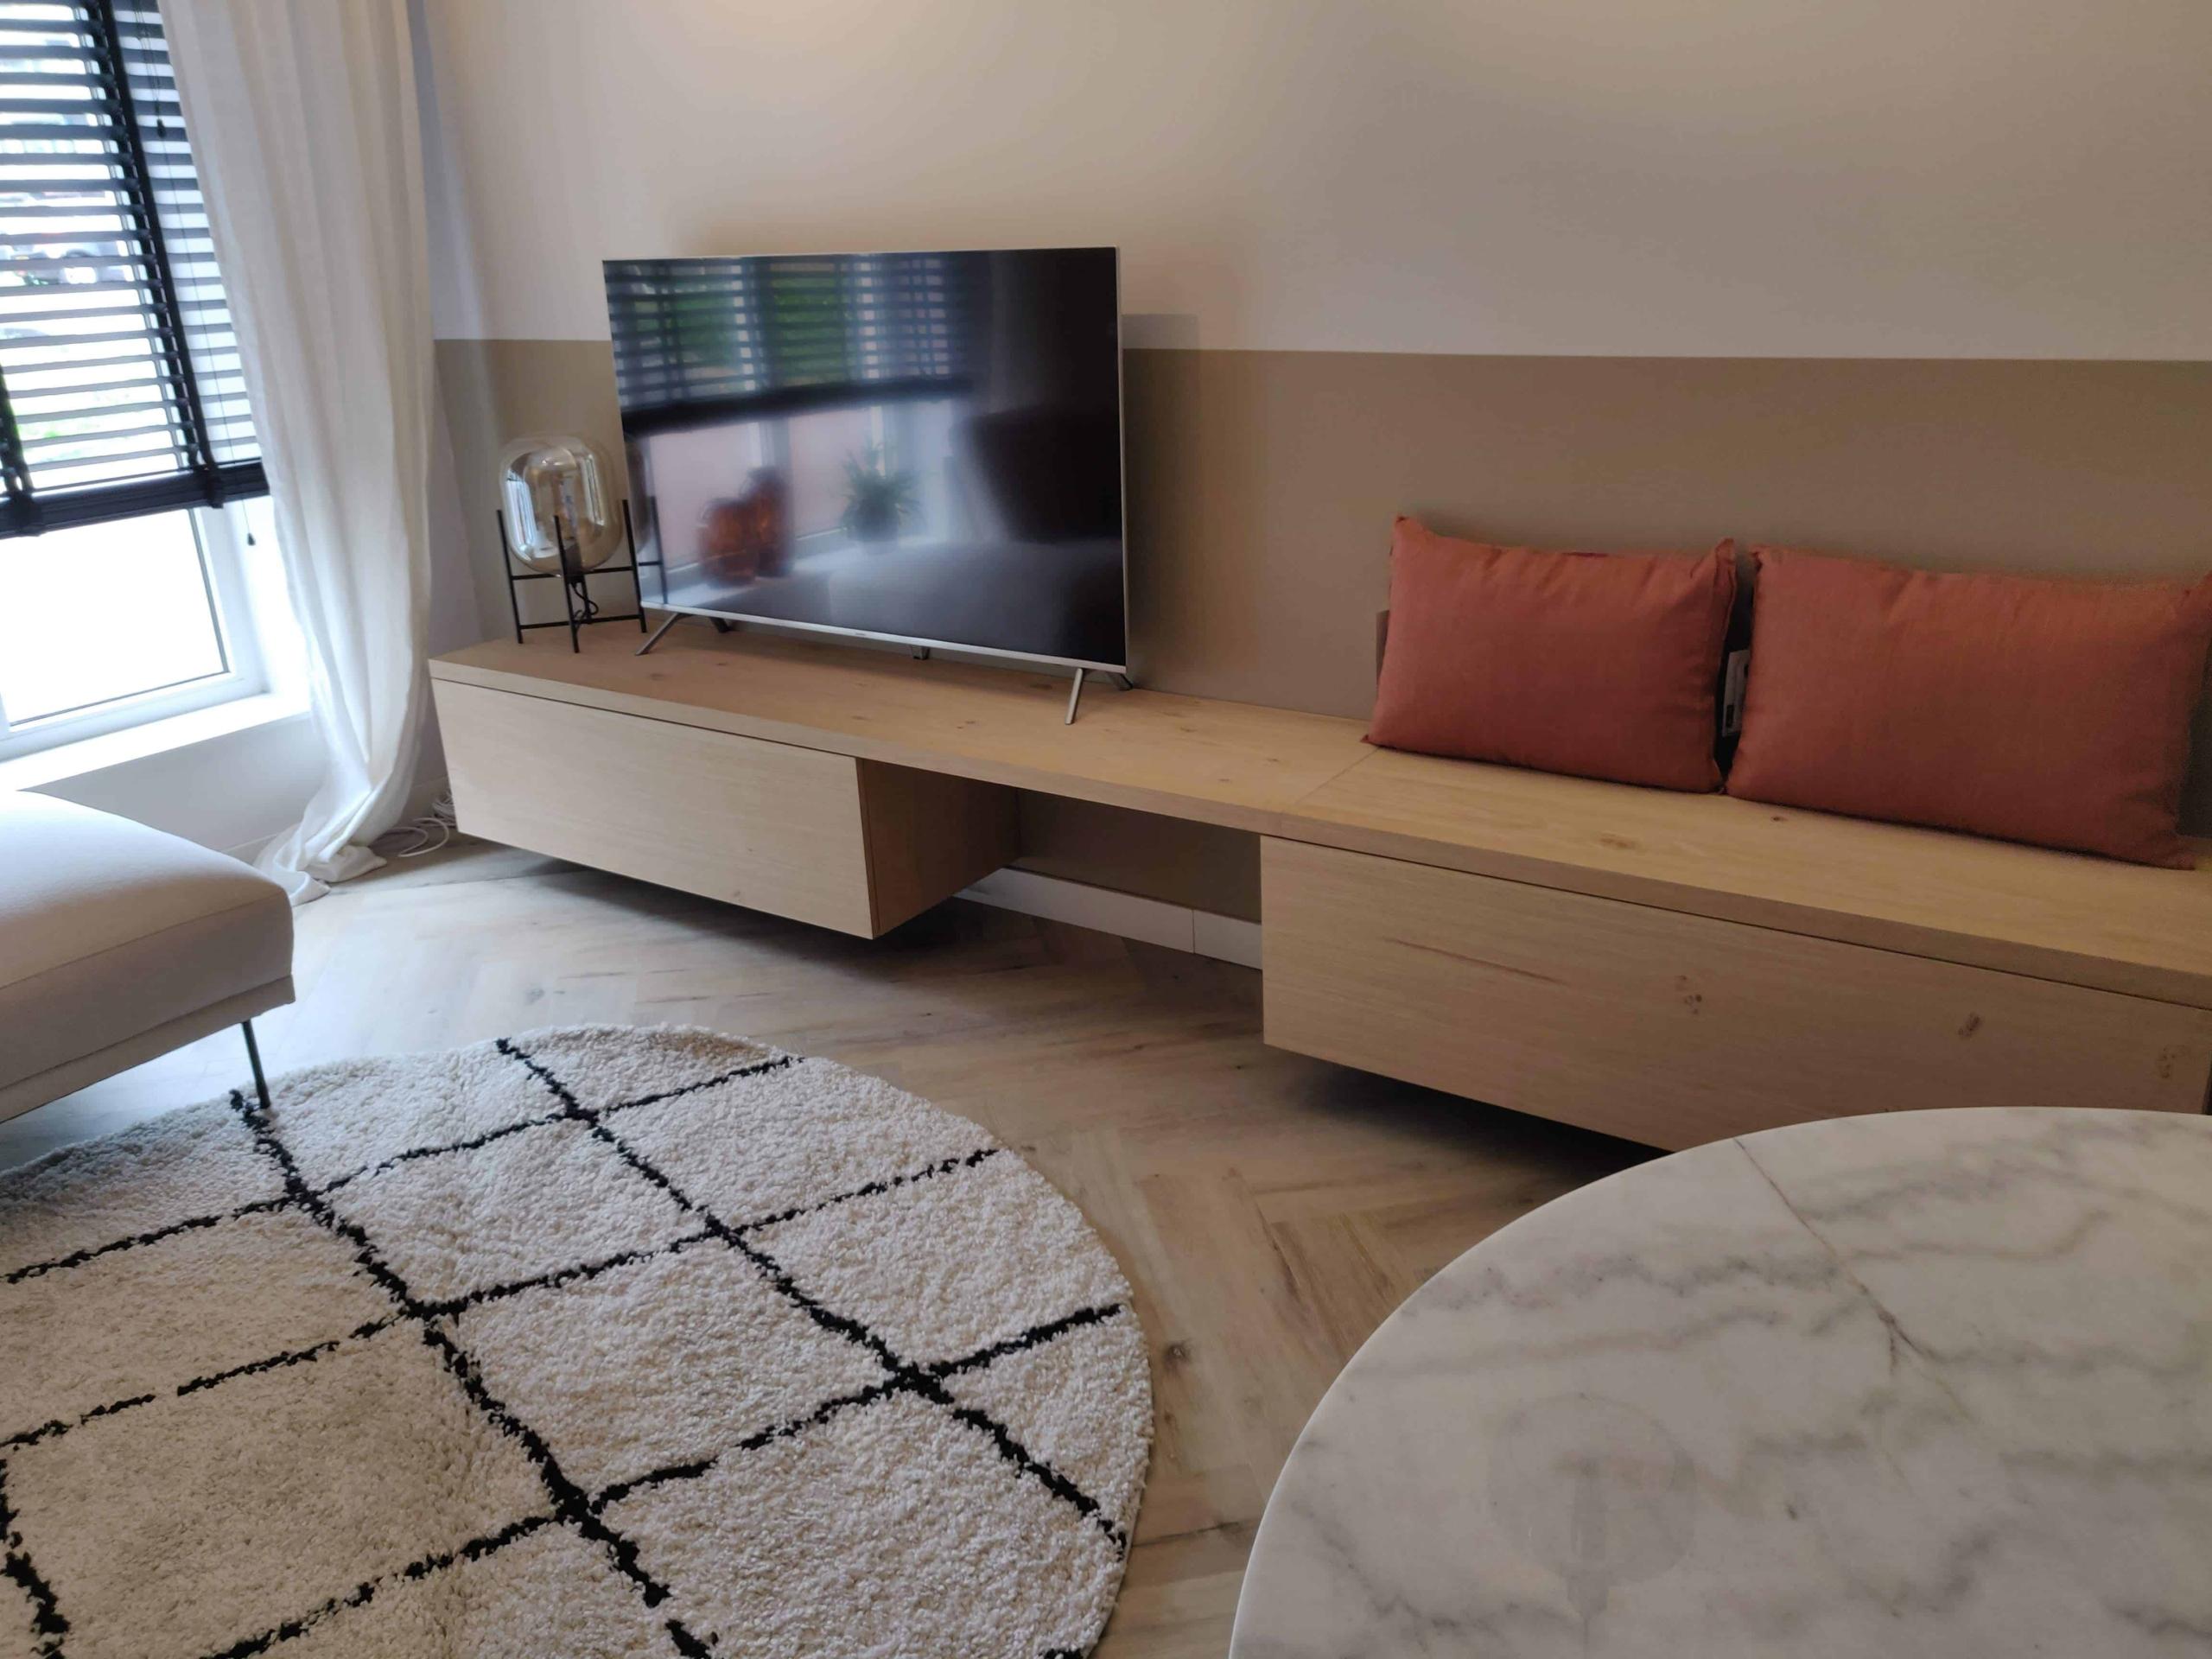 TV meubel met bank en zitruimte aan de muur / wand gemonteerd